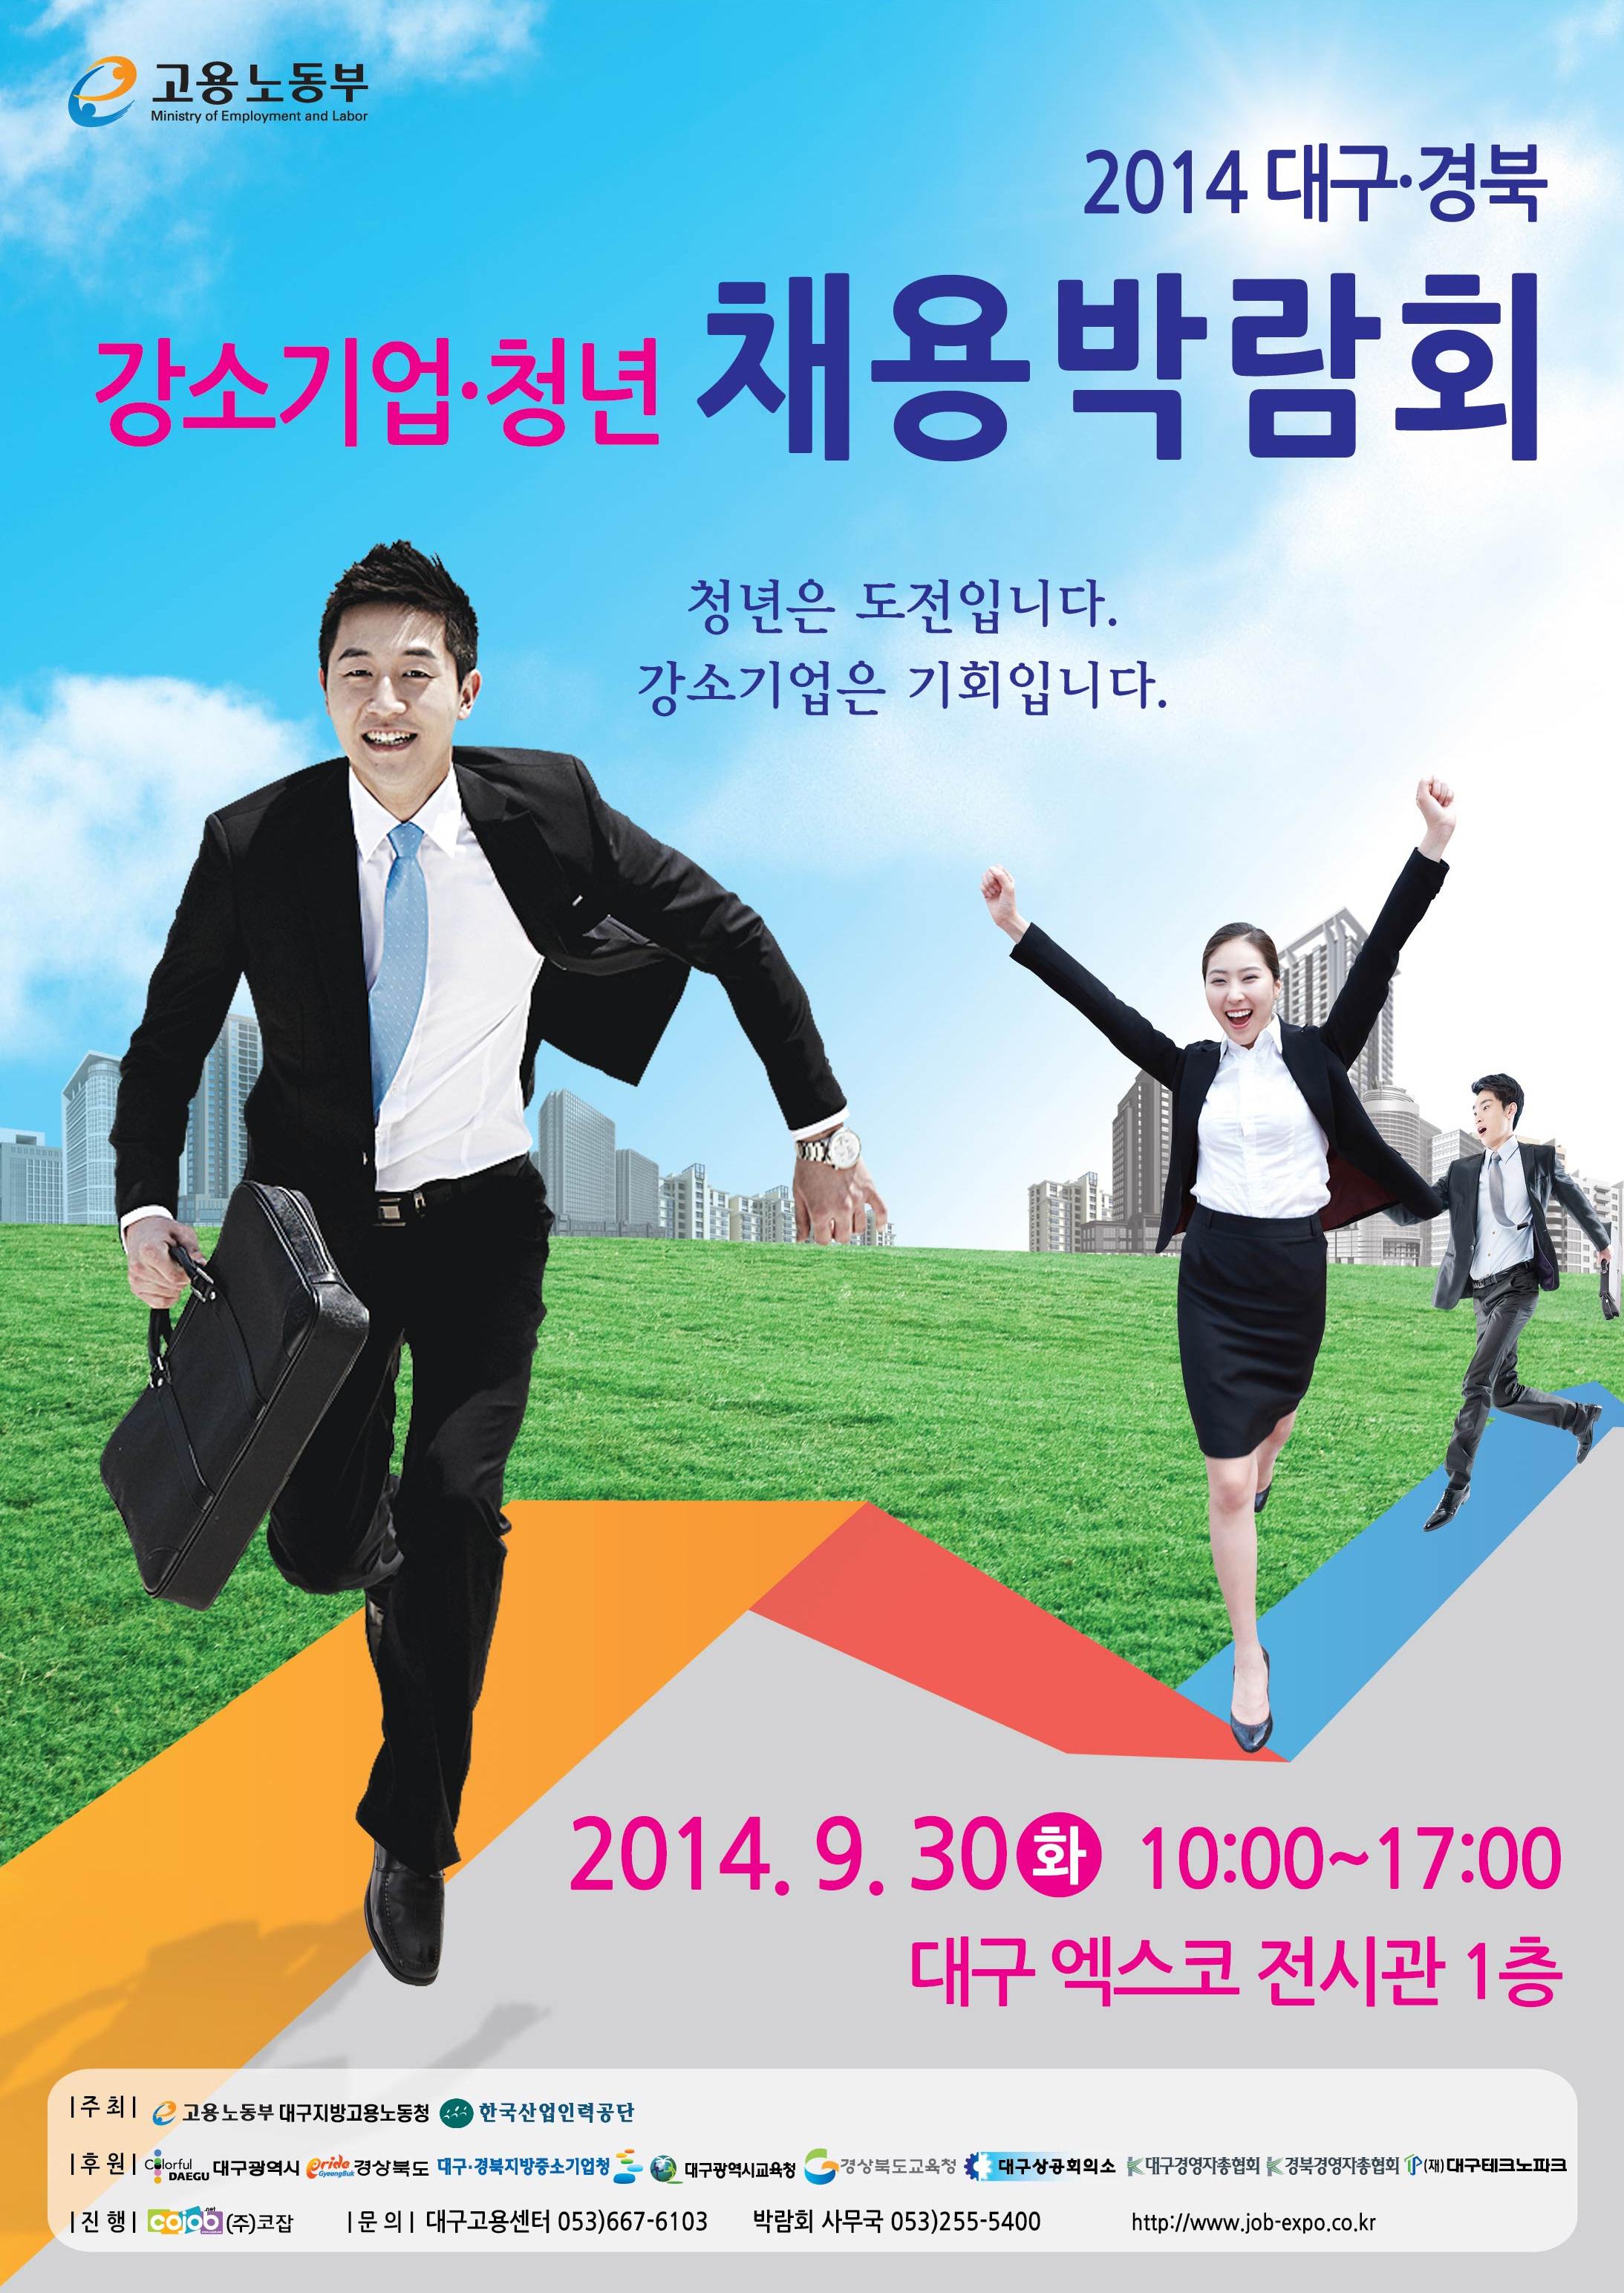 고용노동부 채용박랍회